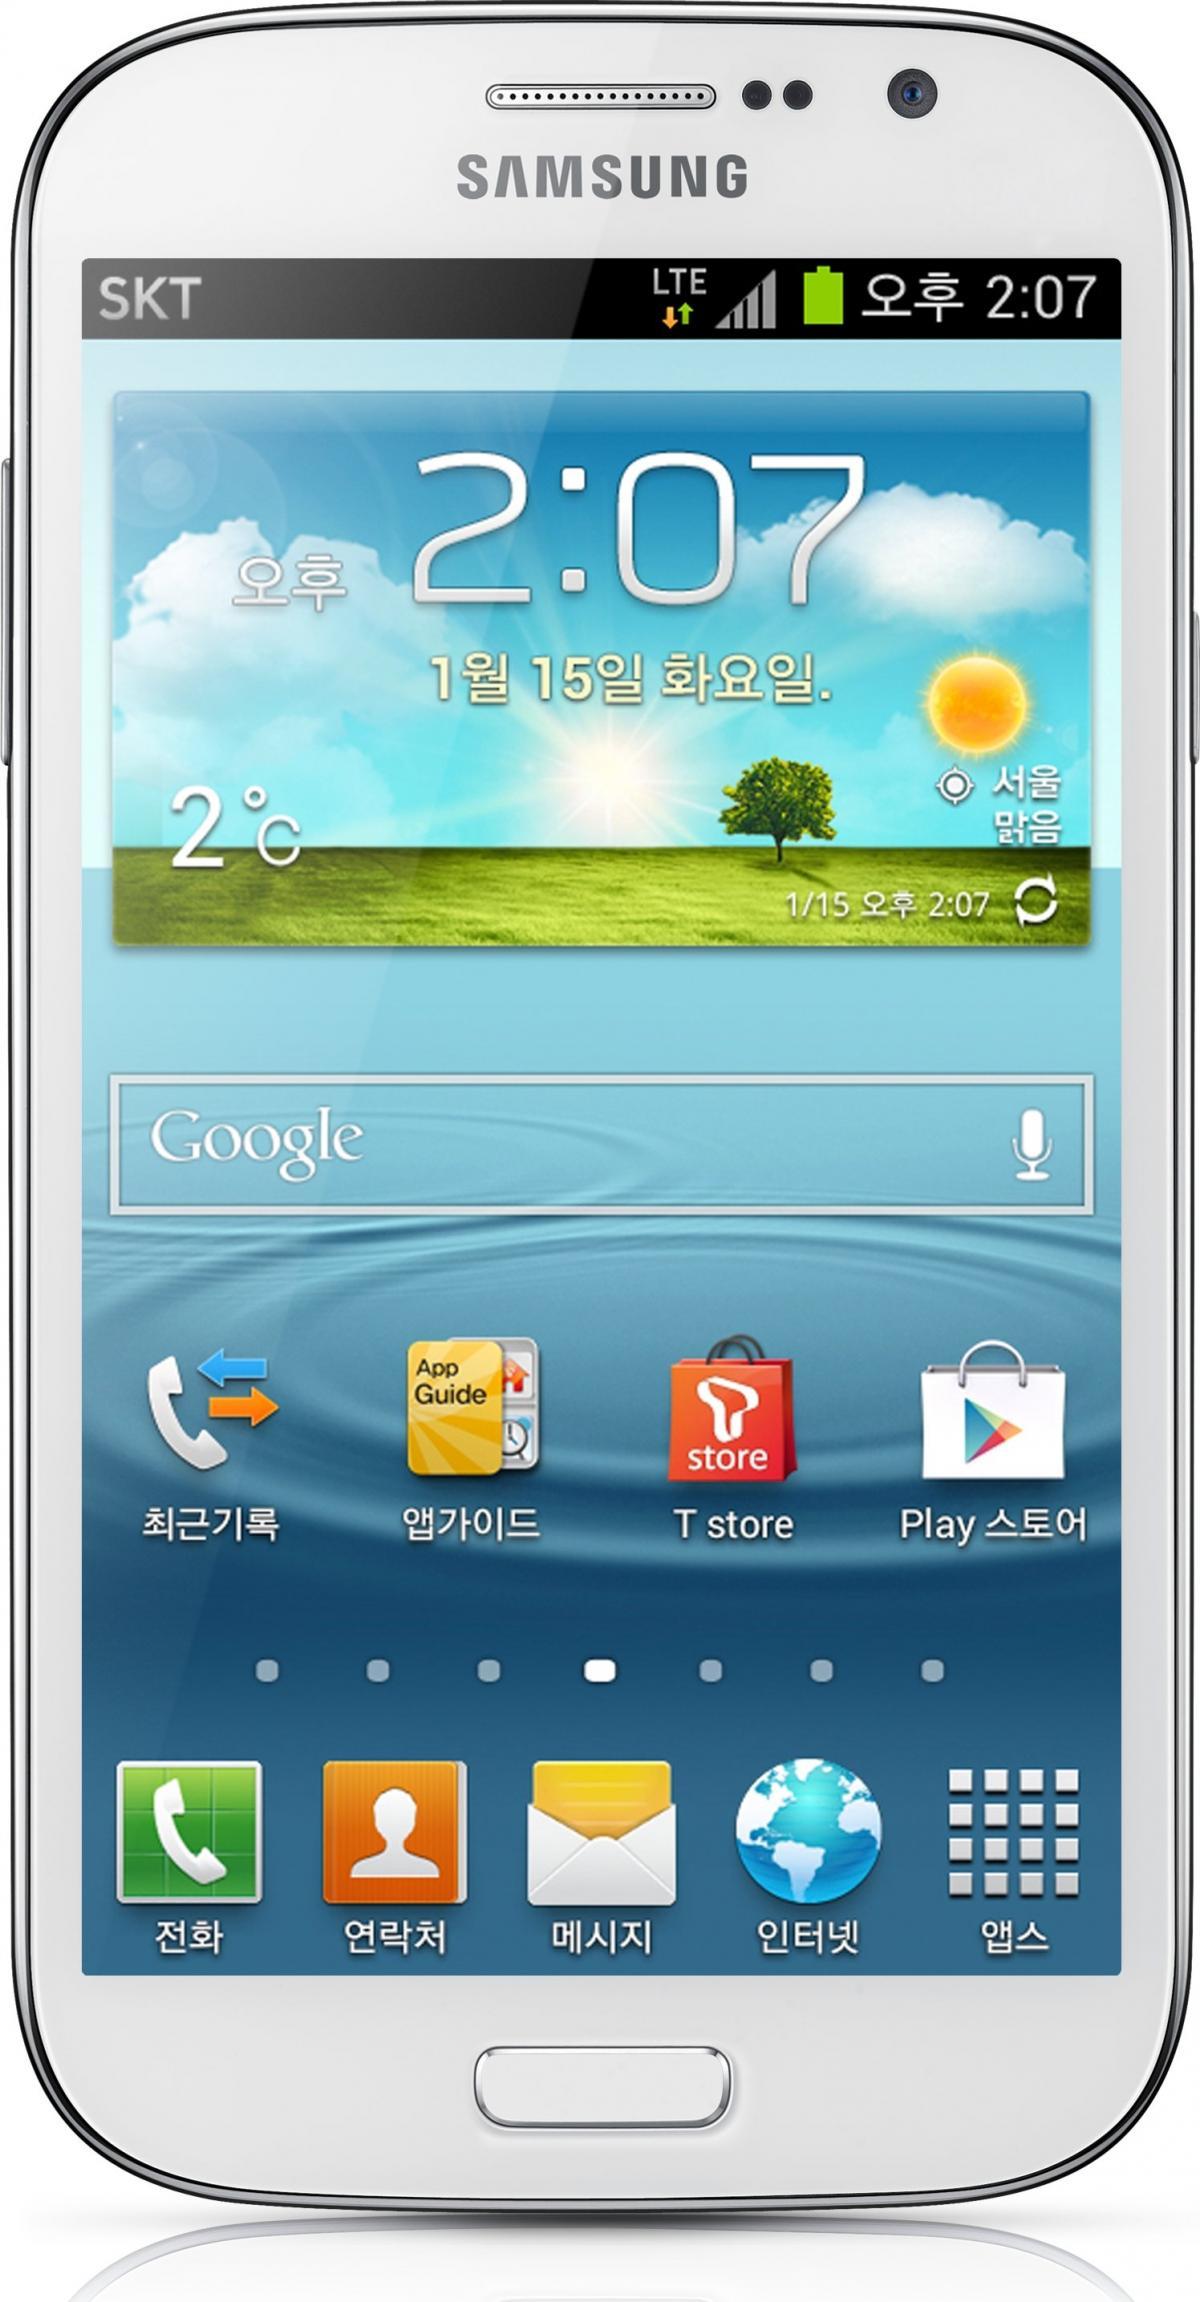 Galaxy Grand SHV-E270S